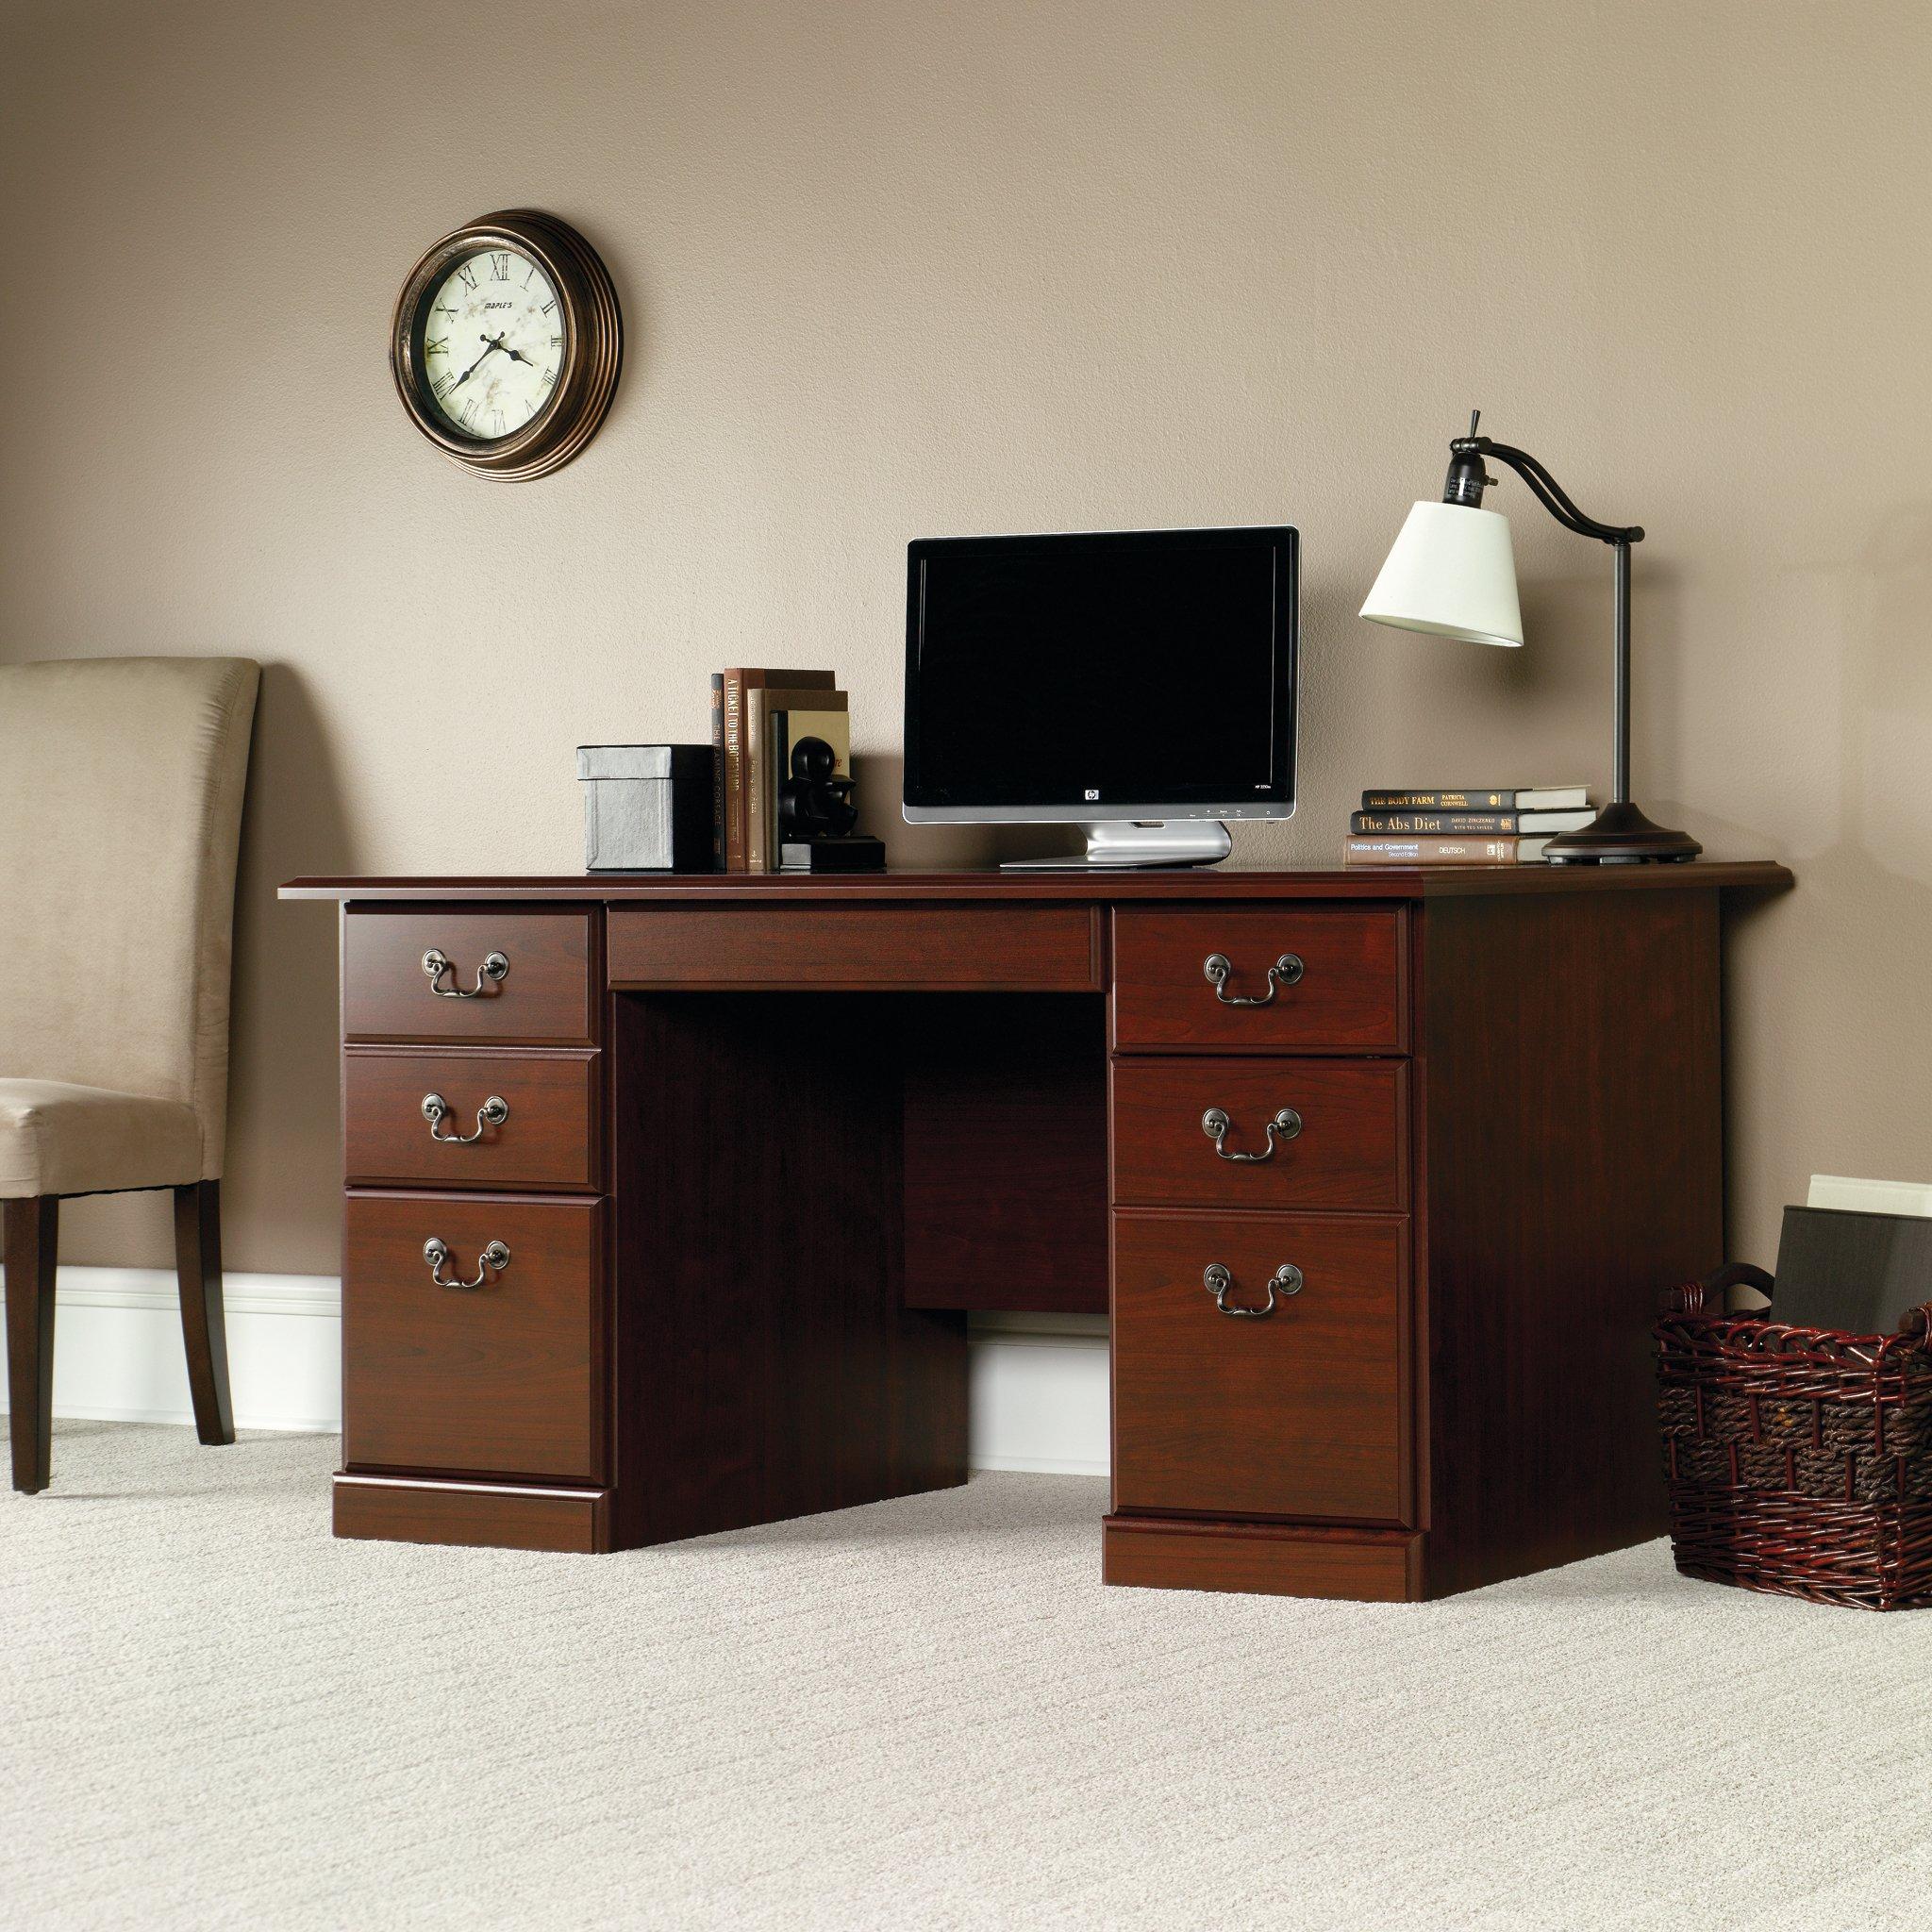 Sauder 109830 Heritage Hill Desk, L: 59.45'' x W: 29.53'' x H: 29.25'', Classic Cherry finish